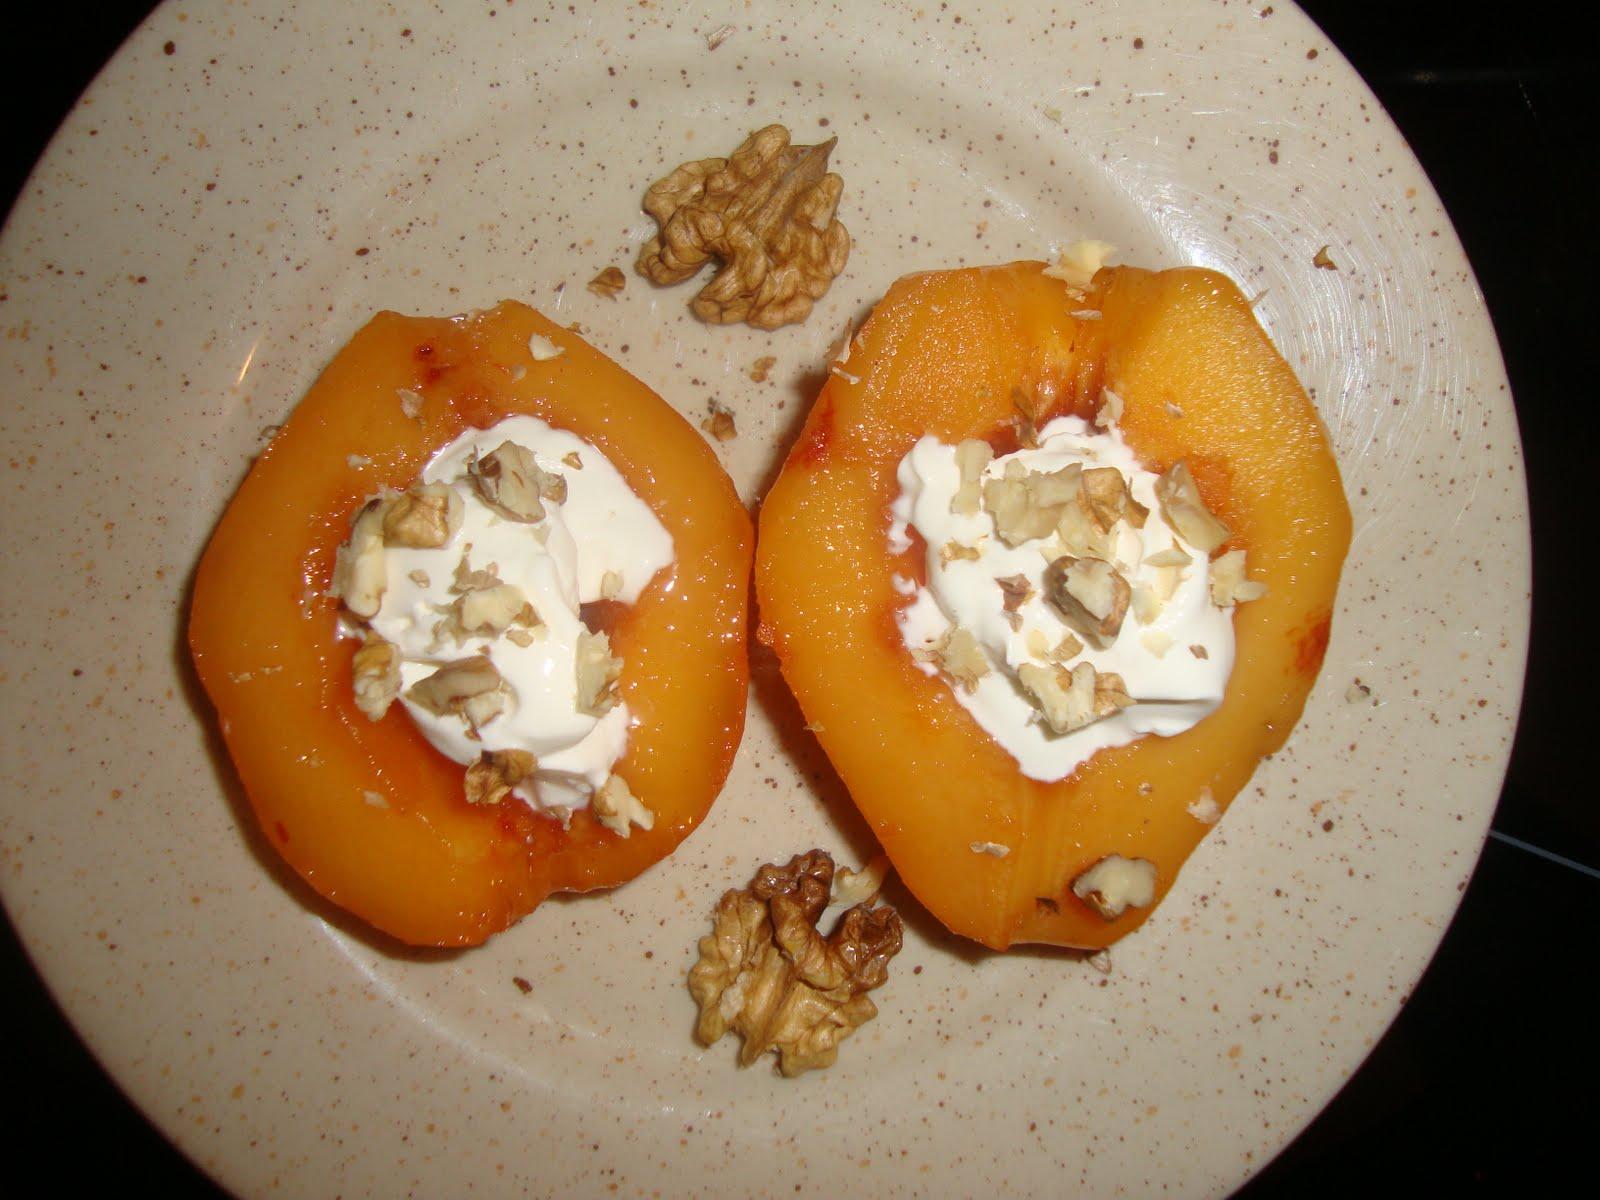 Idee Salle De Bain Verte : La cuisine de mon pays  la turquie dessert aux coings